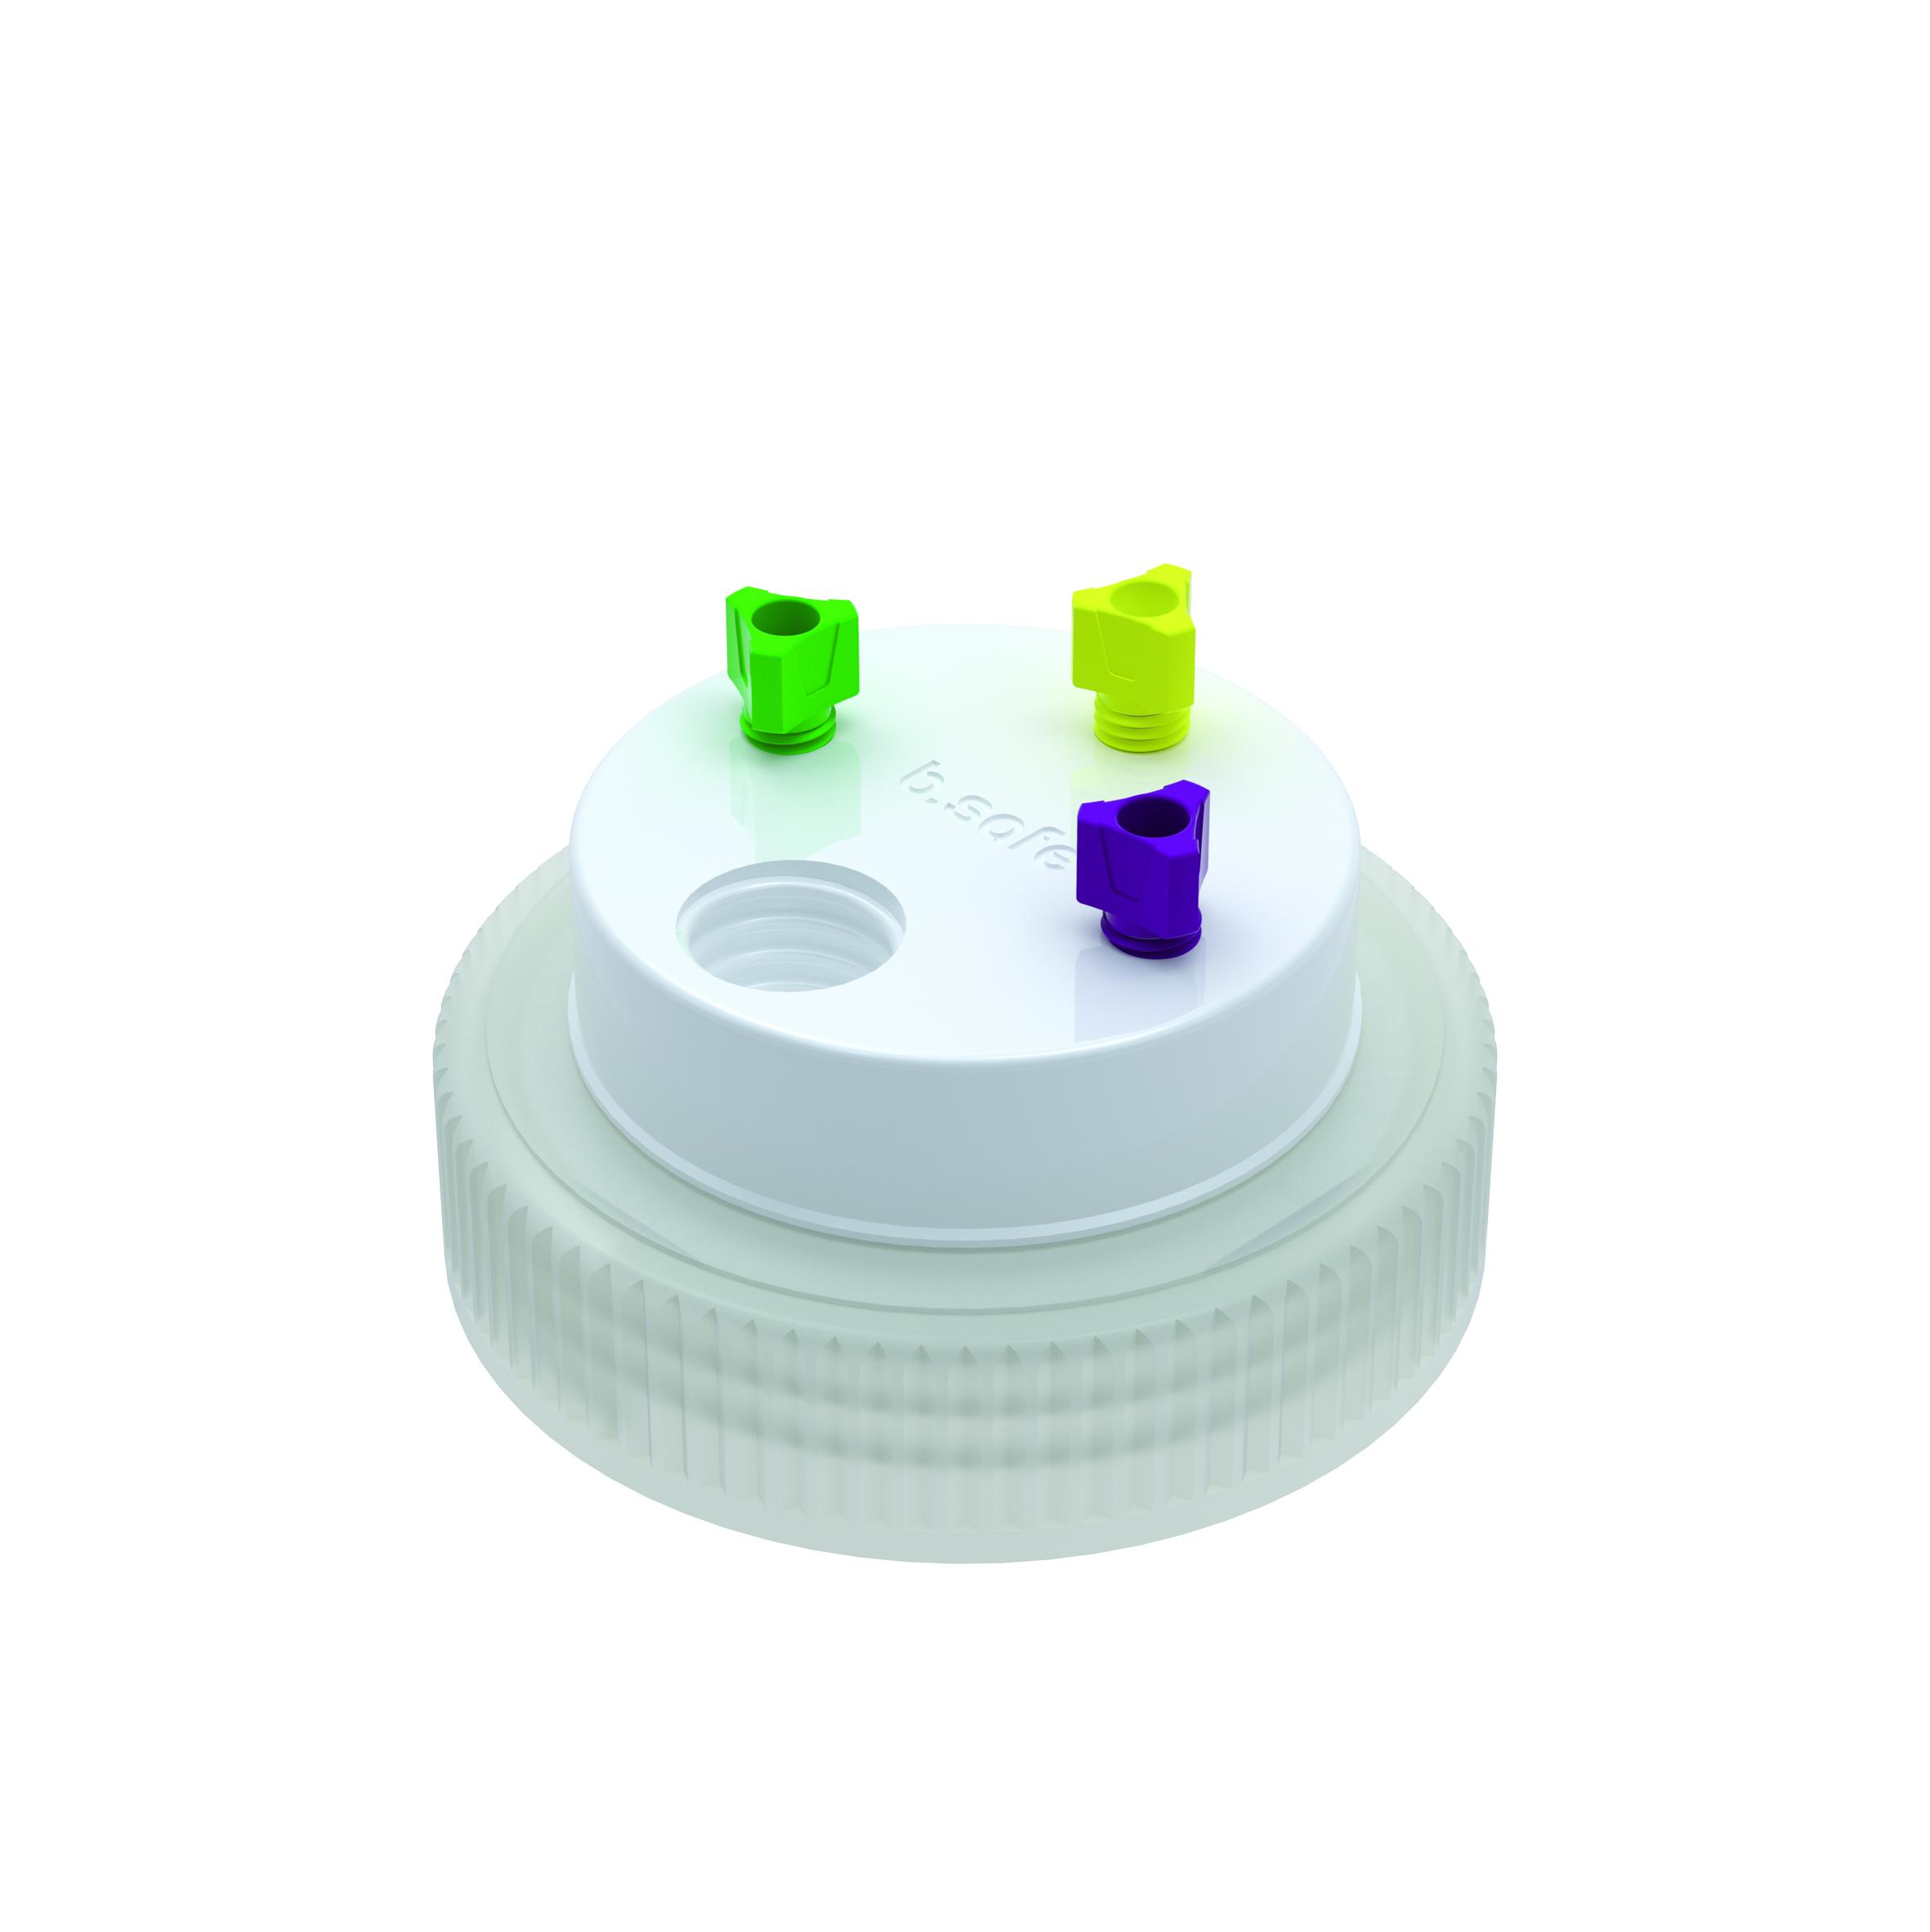 Waste Cap B63  Schraubkappe aus PE für Gewinde B63, frei drehbarer Einsatz aus PTFE. Mit PFA-Fittings für Kapi